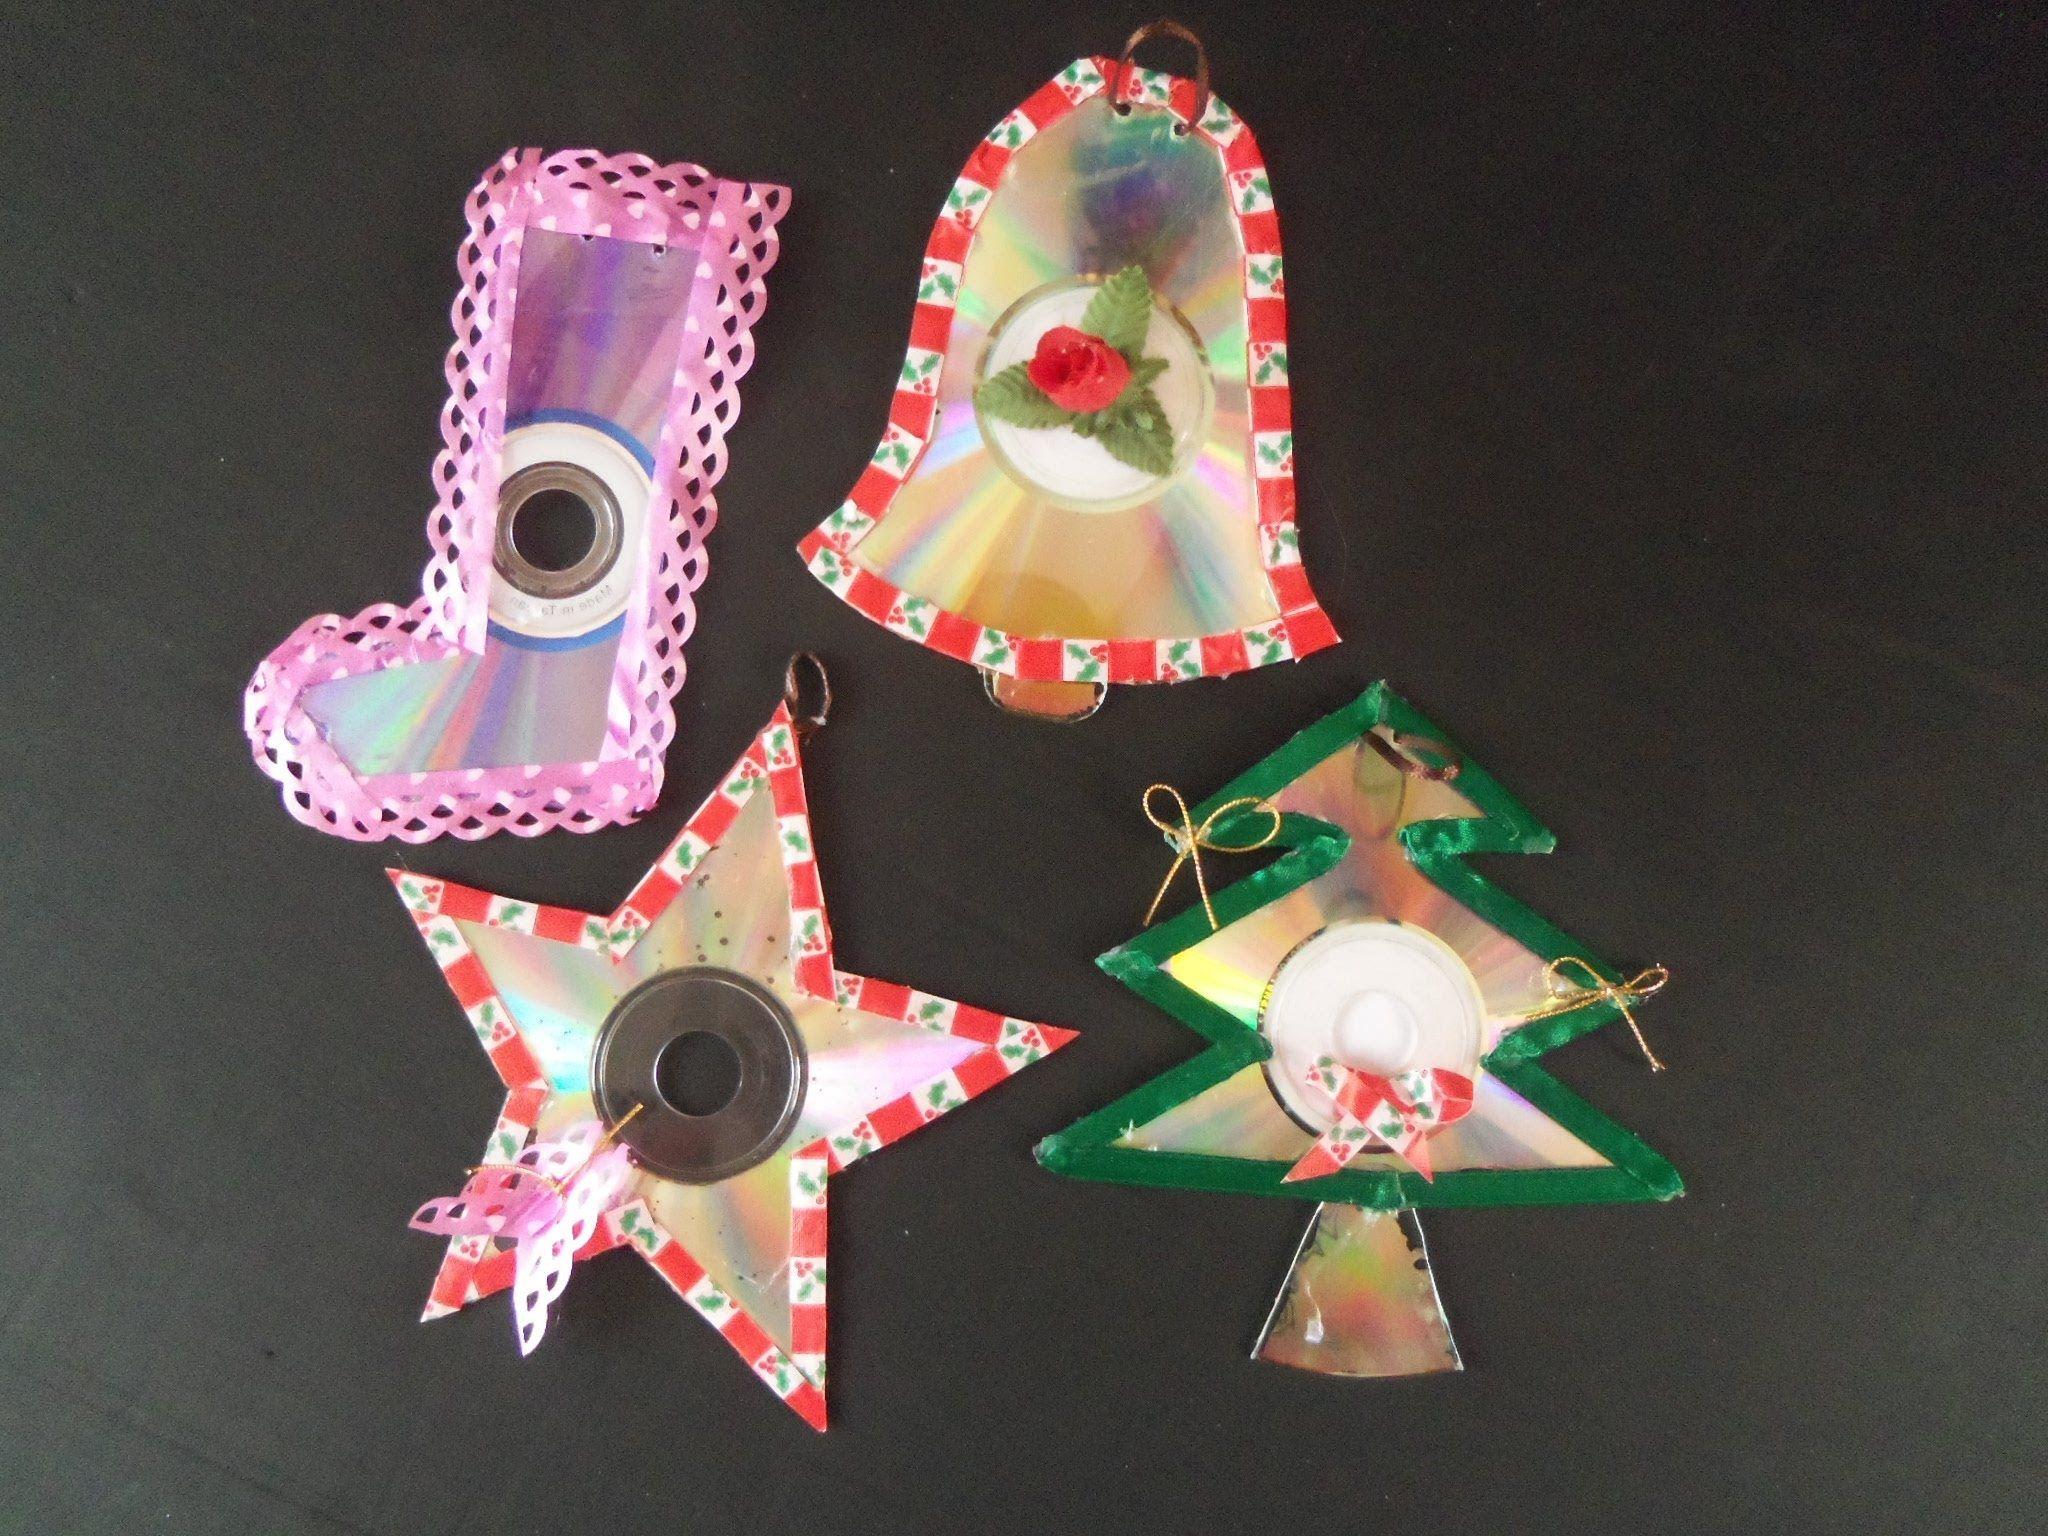 Adorno navide os de cd reciclados arboles de navidad y for Cd reciclados decoracion